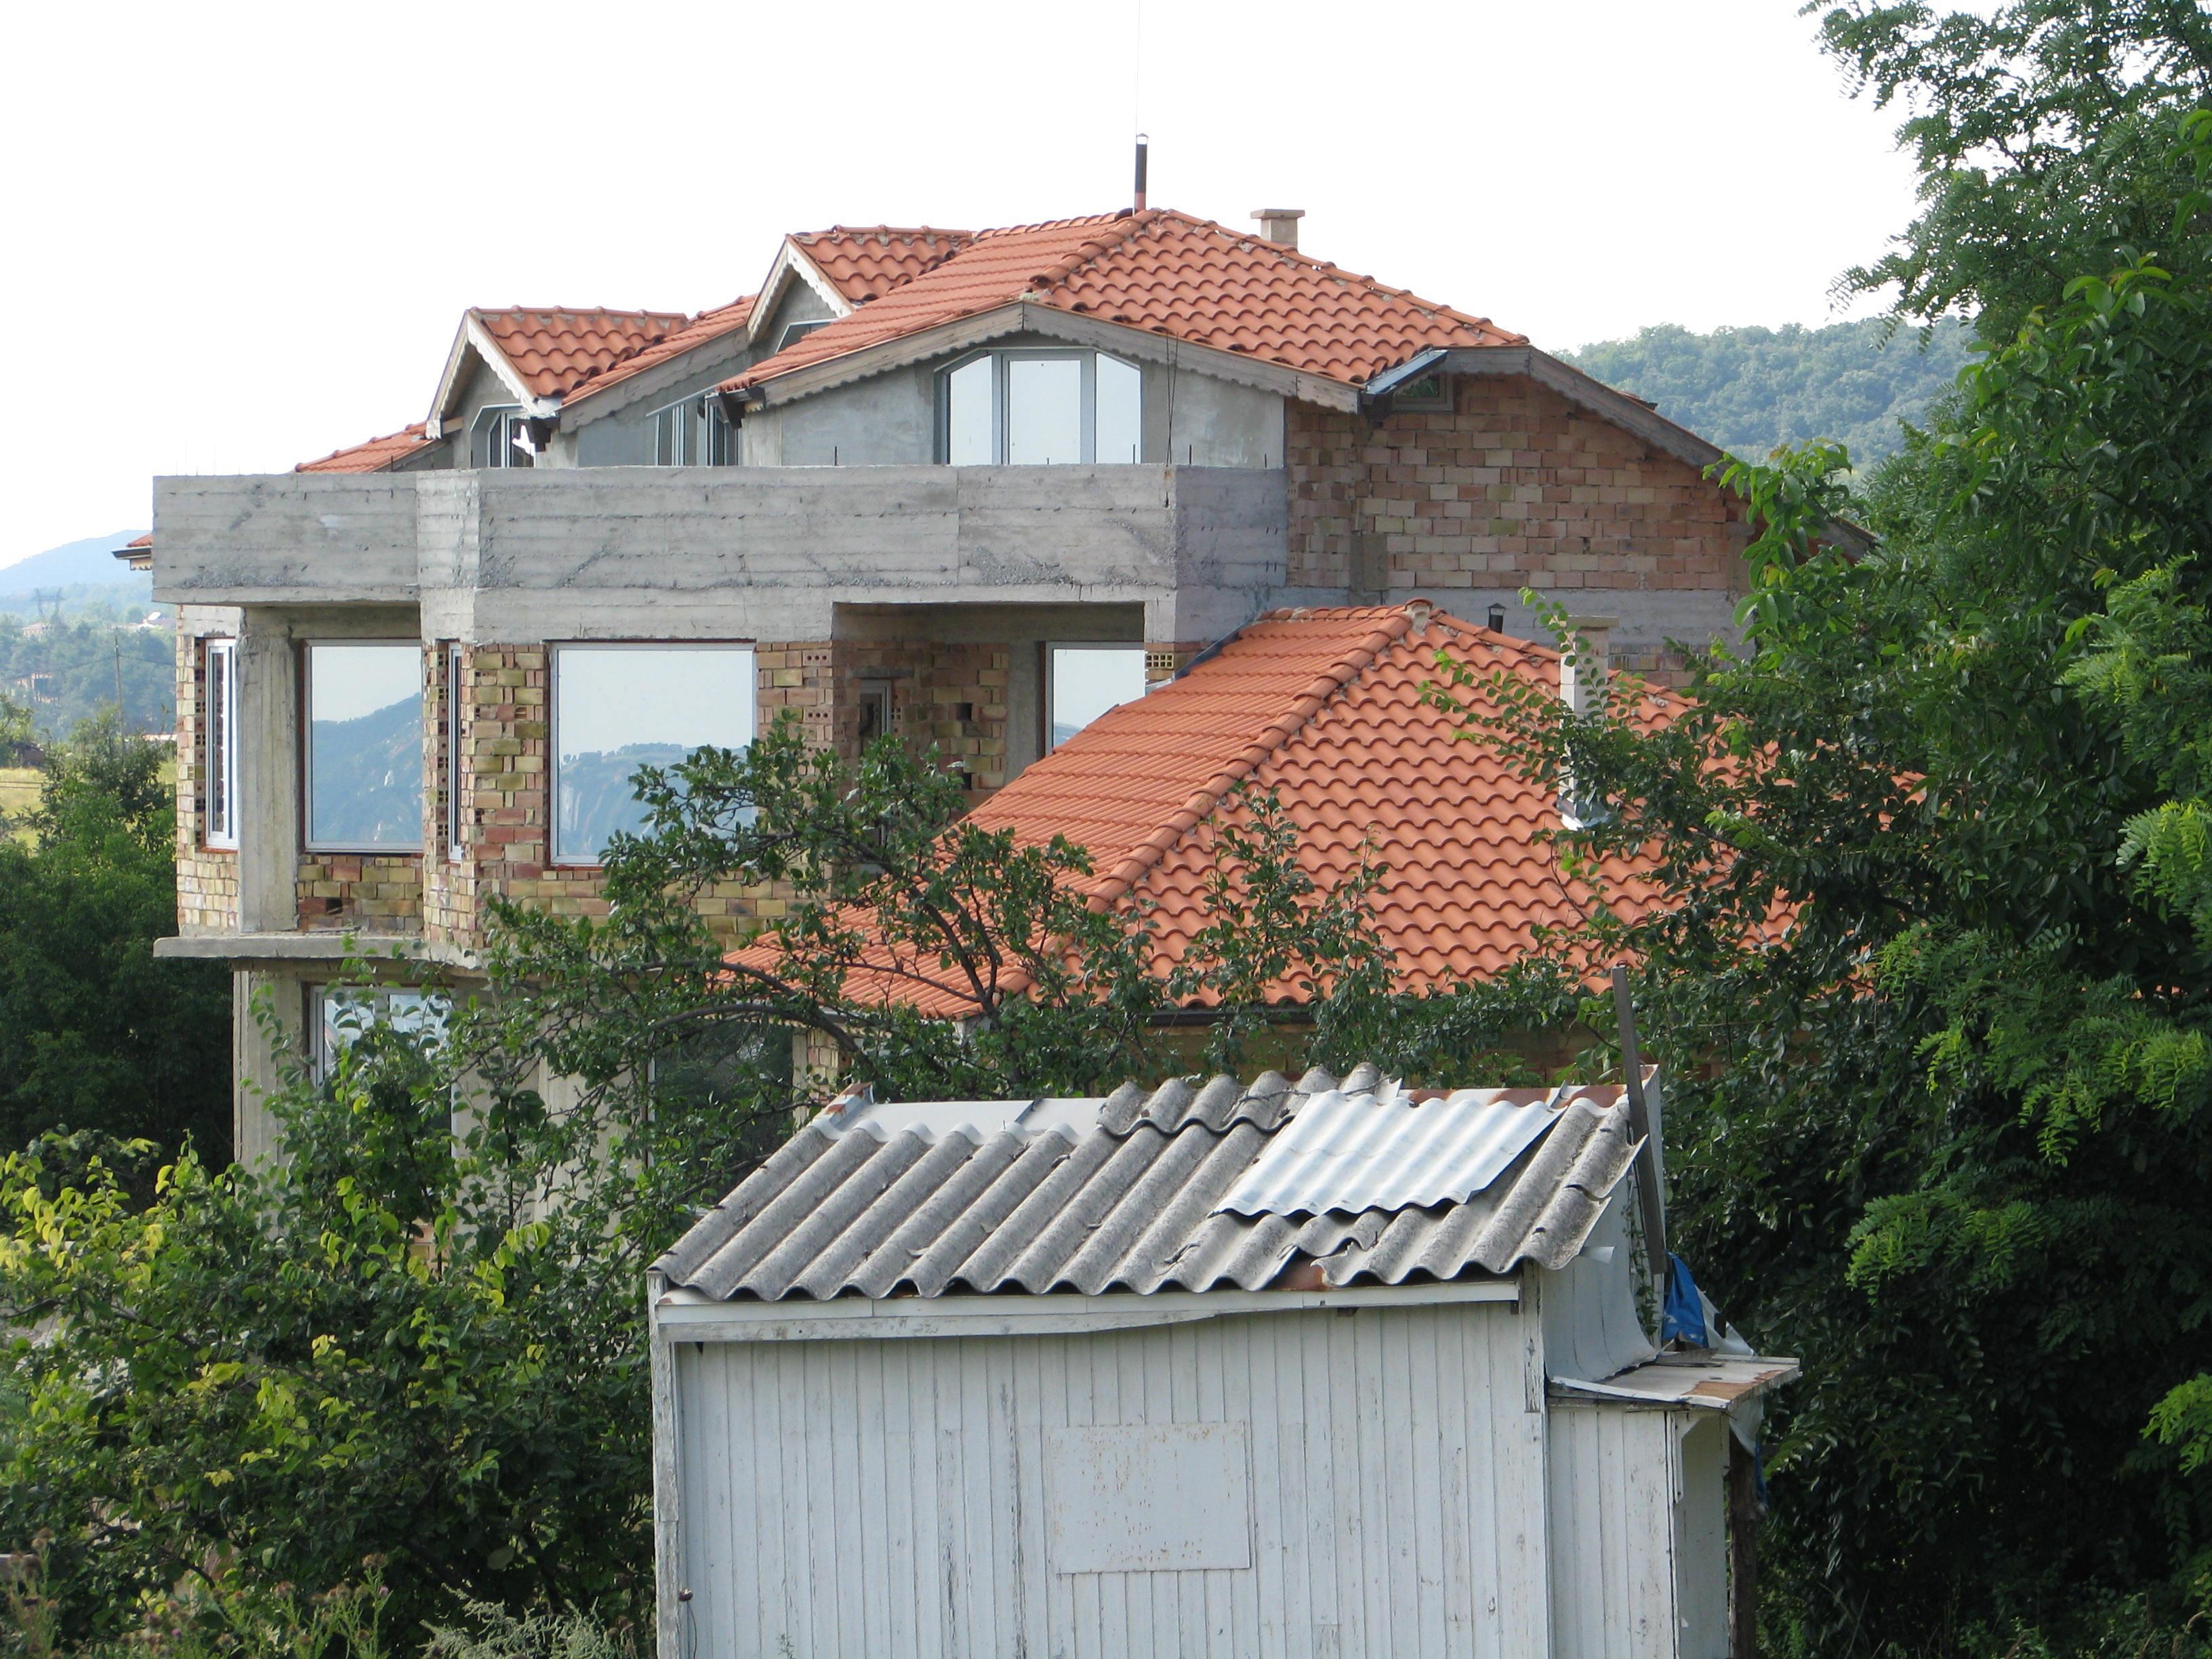 Verkoop huis varna varna bulgarije salzica - Huis verkoop ...